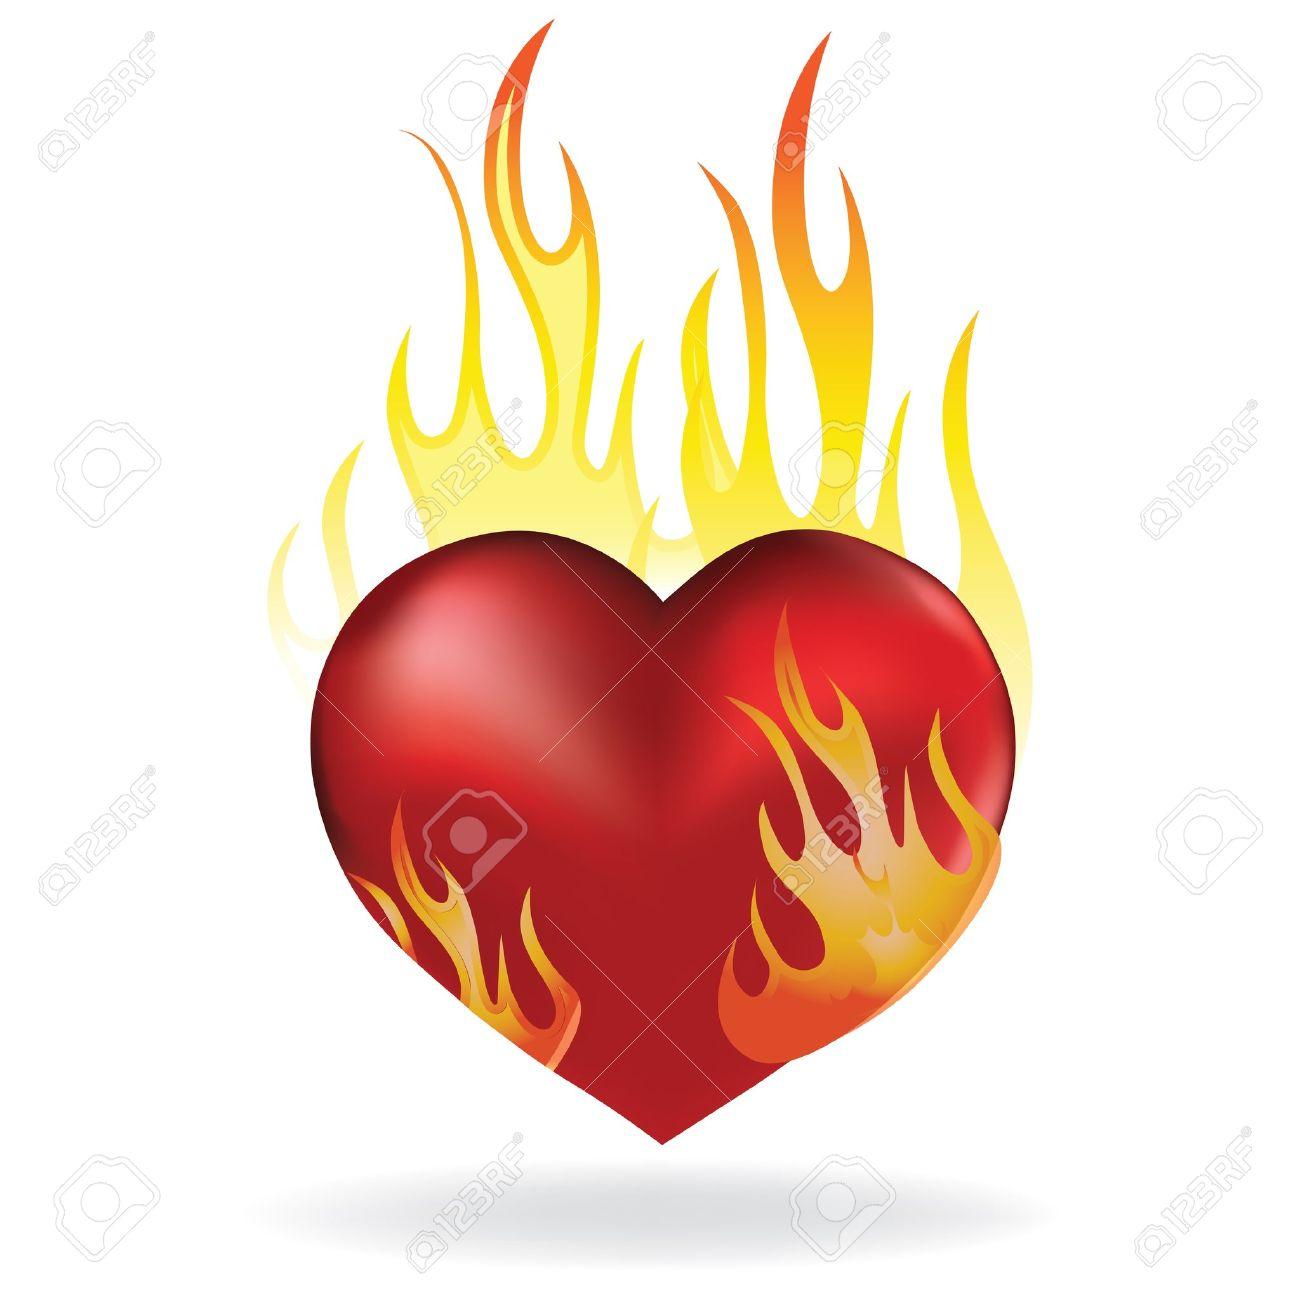 Amour Image Coeur amour coeur dans le tatouage icône feu. illustration valentine